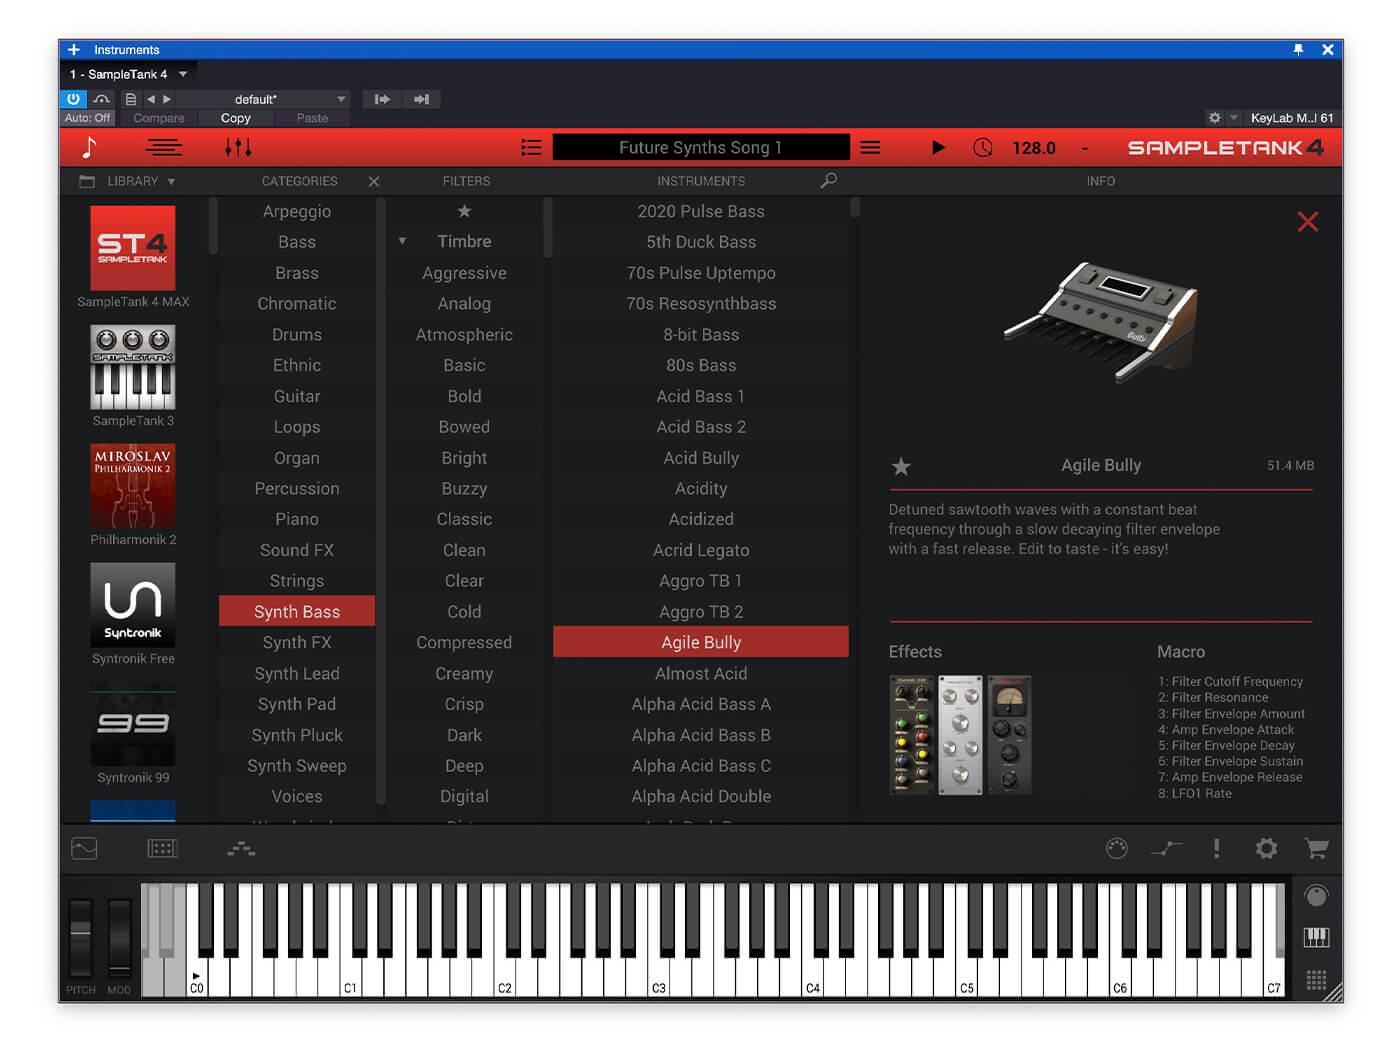 Sampletank 4 IK MUltimedia Total Studio 3 Max